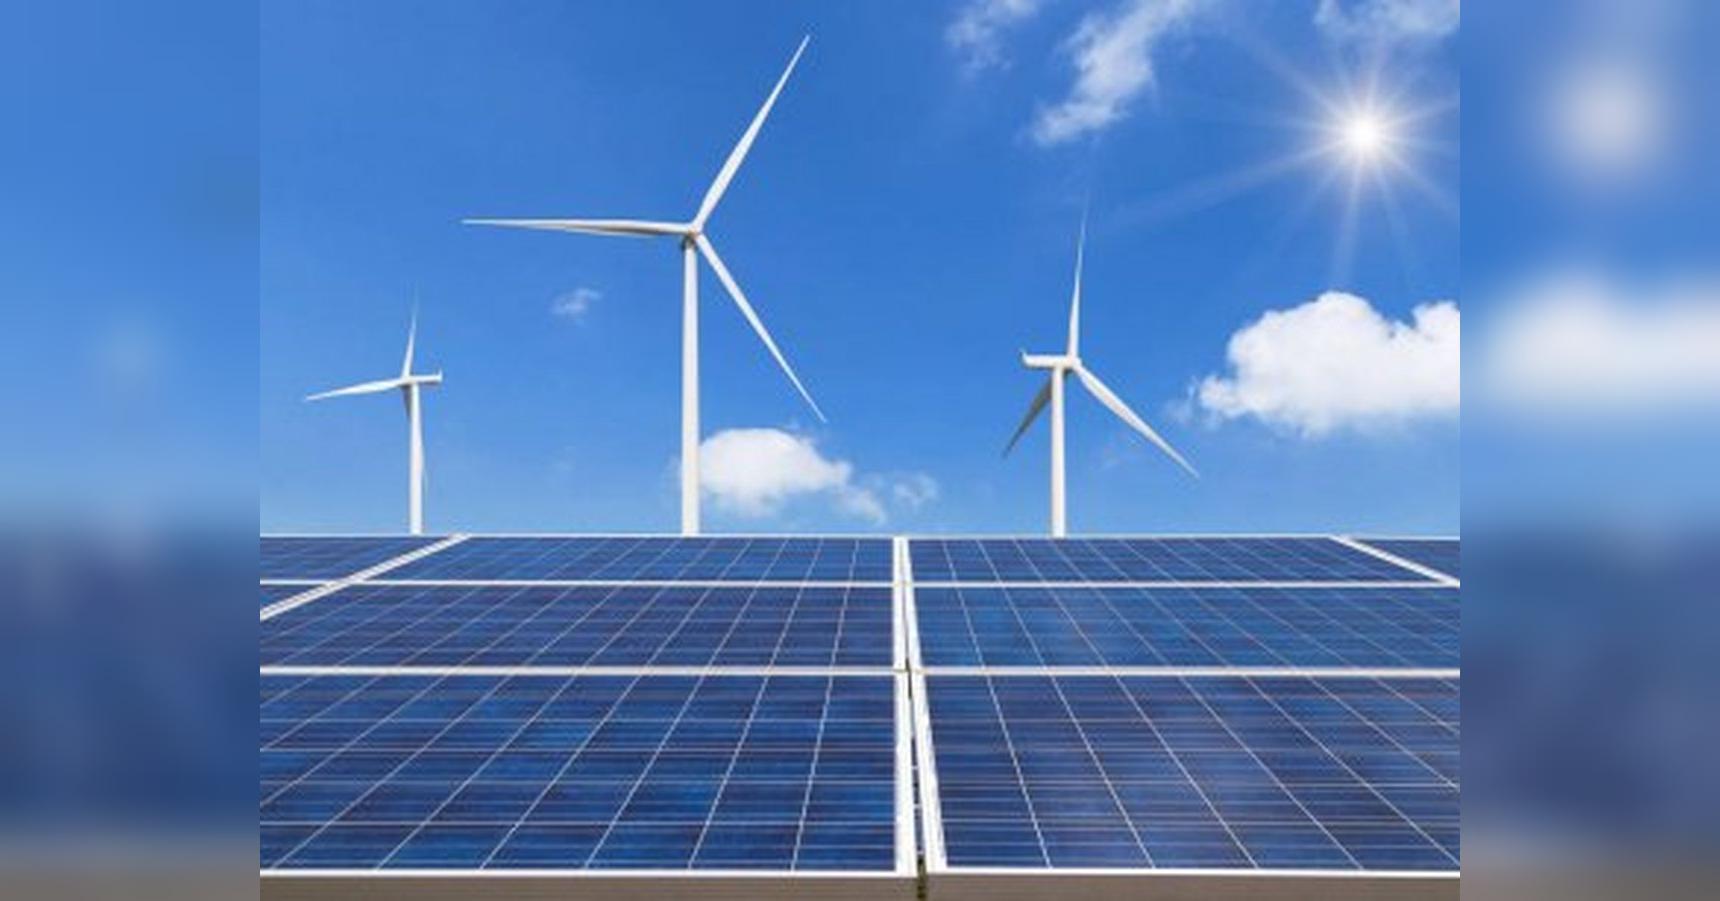 Законопроект 2543 может реализовать инициативу президента по развитию «зеленой» энергетики, — эксперты